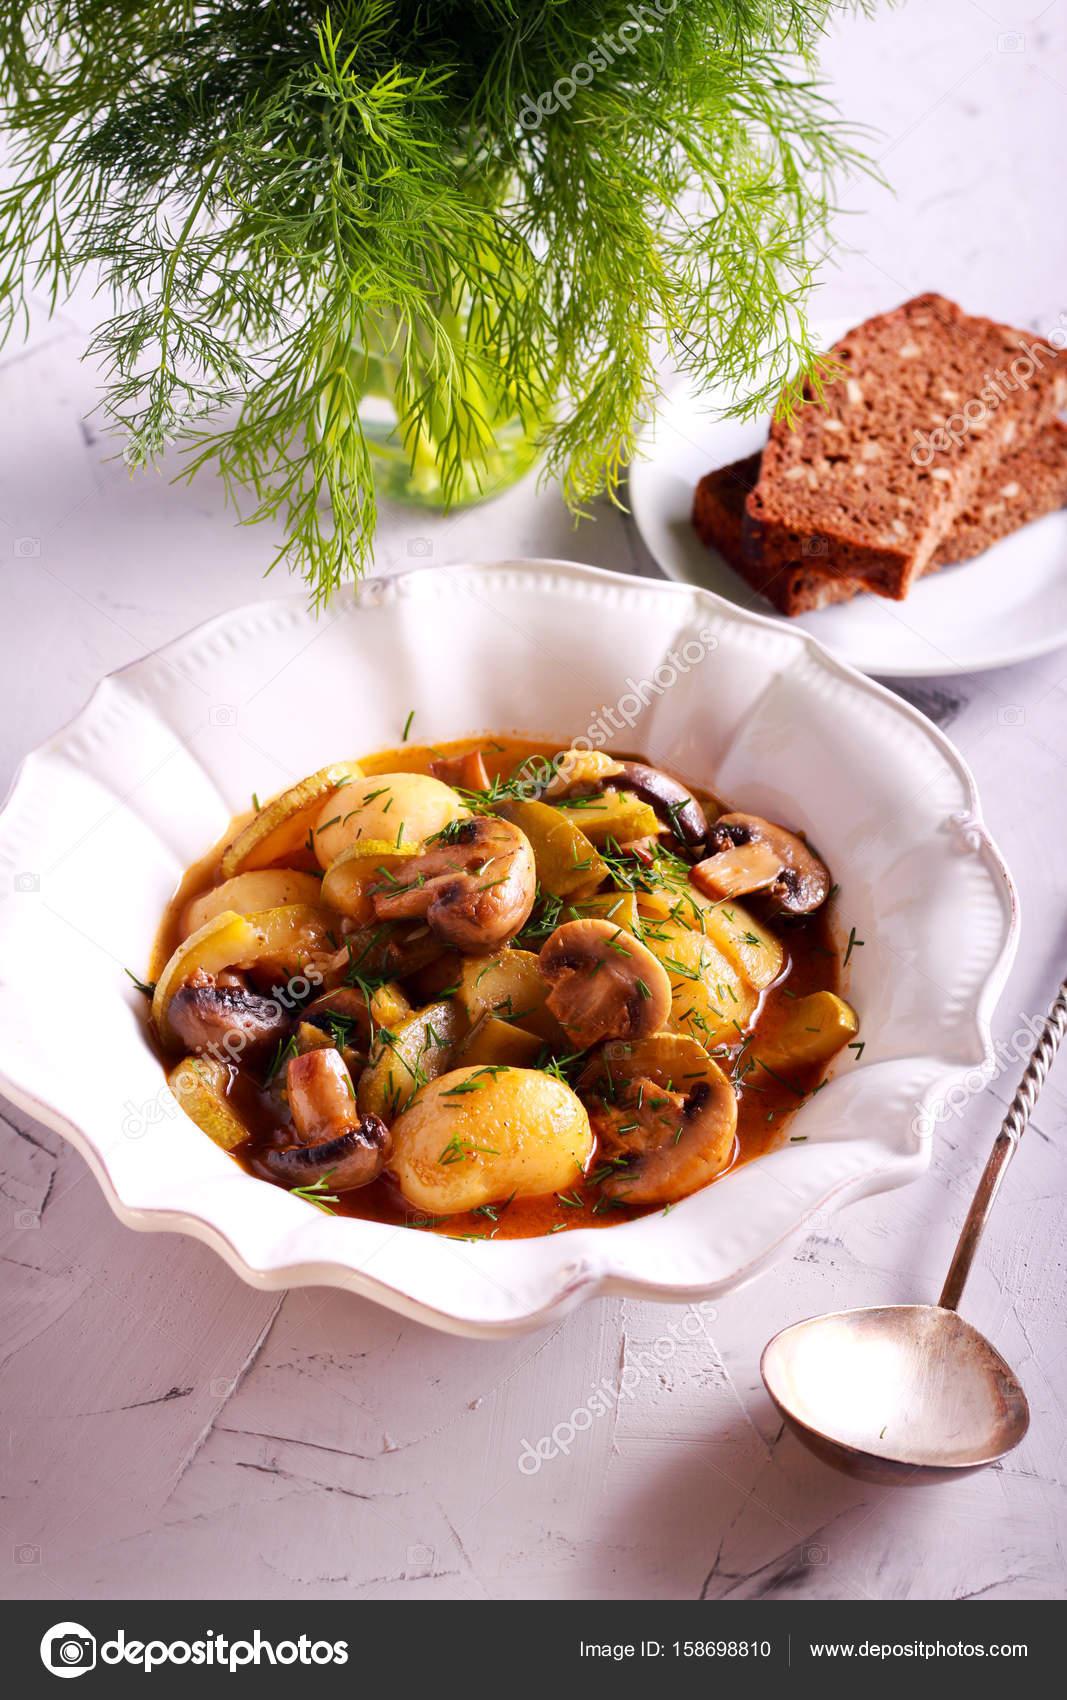 Kartoffel Pilz Zucchini Auflauf Stockfoto Manyakotic 158698810